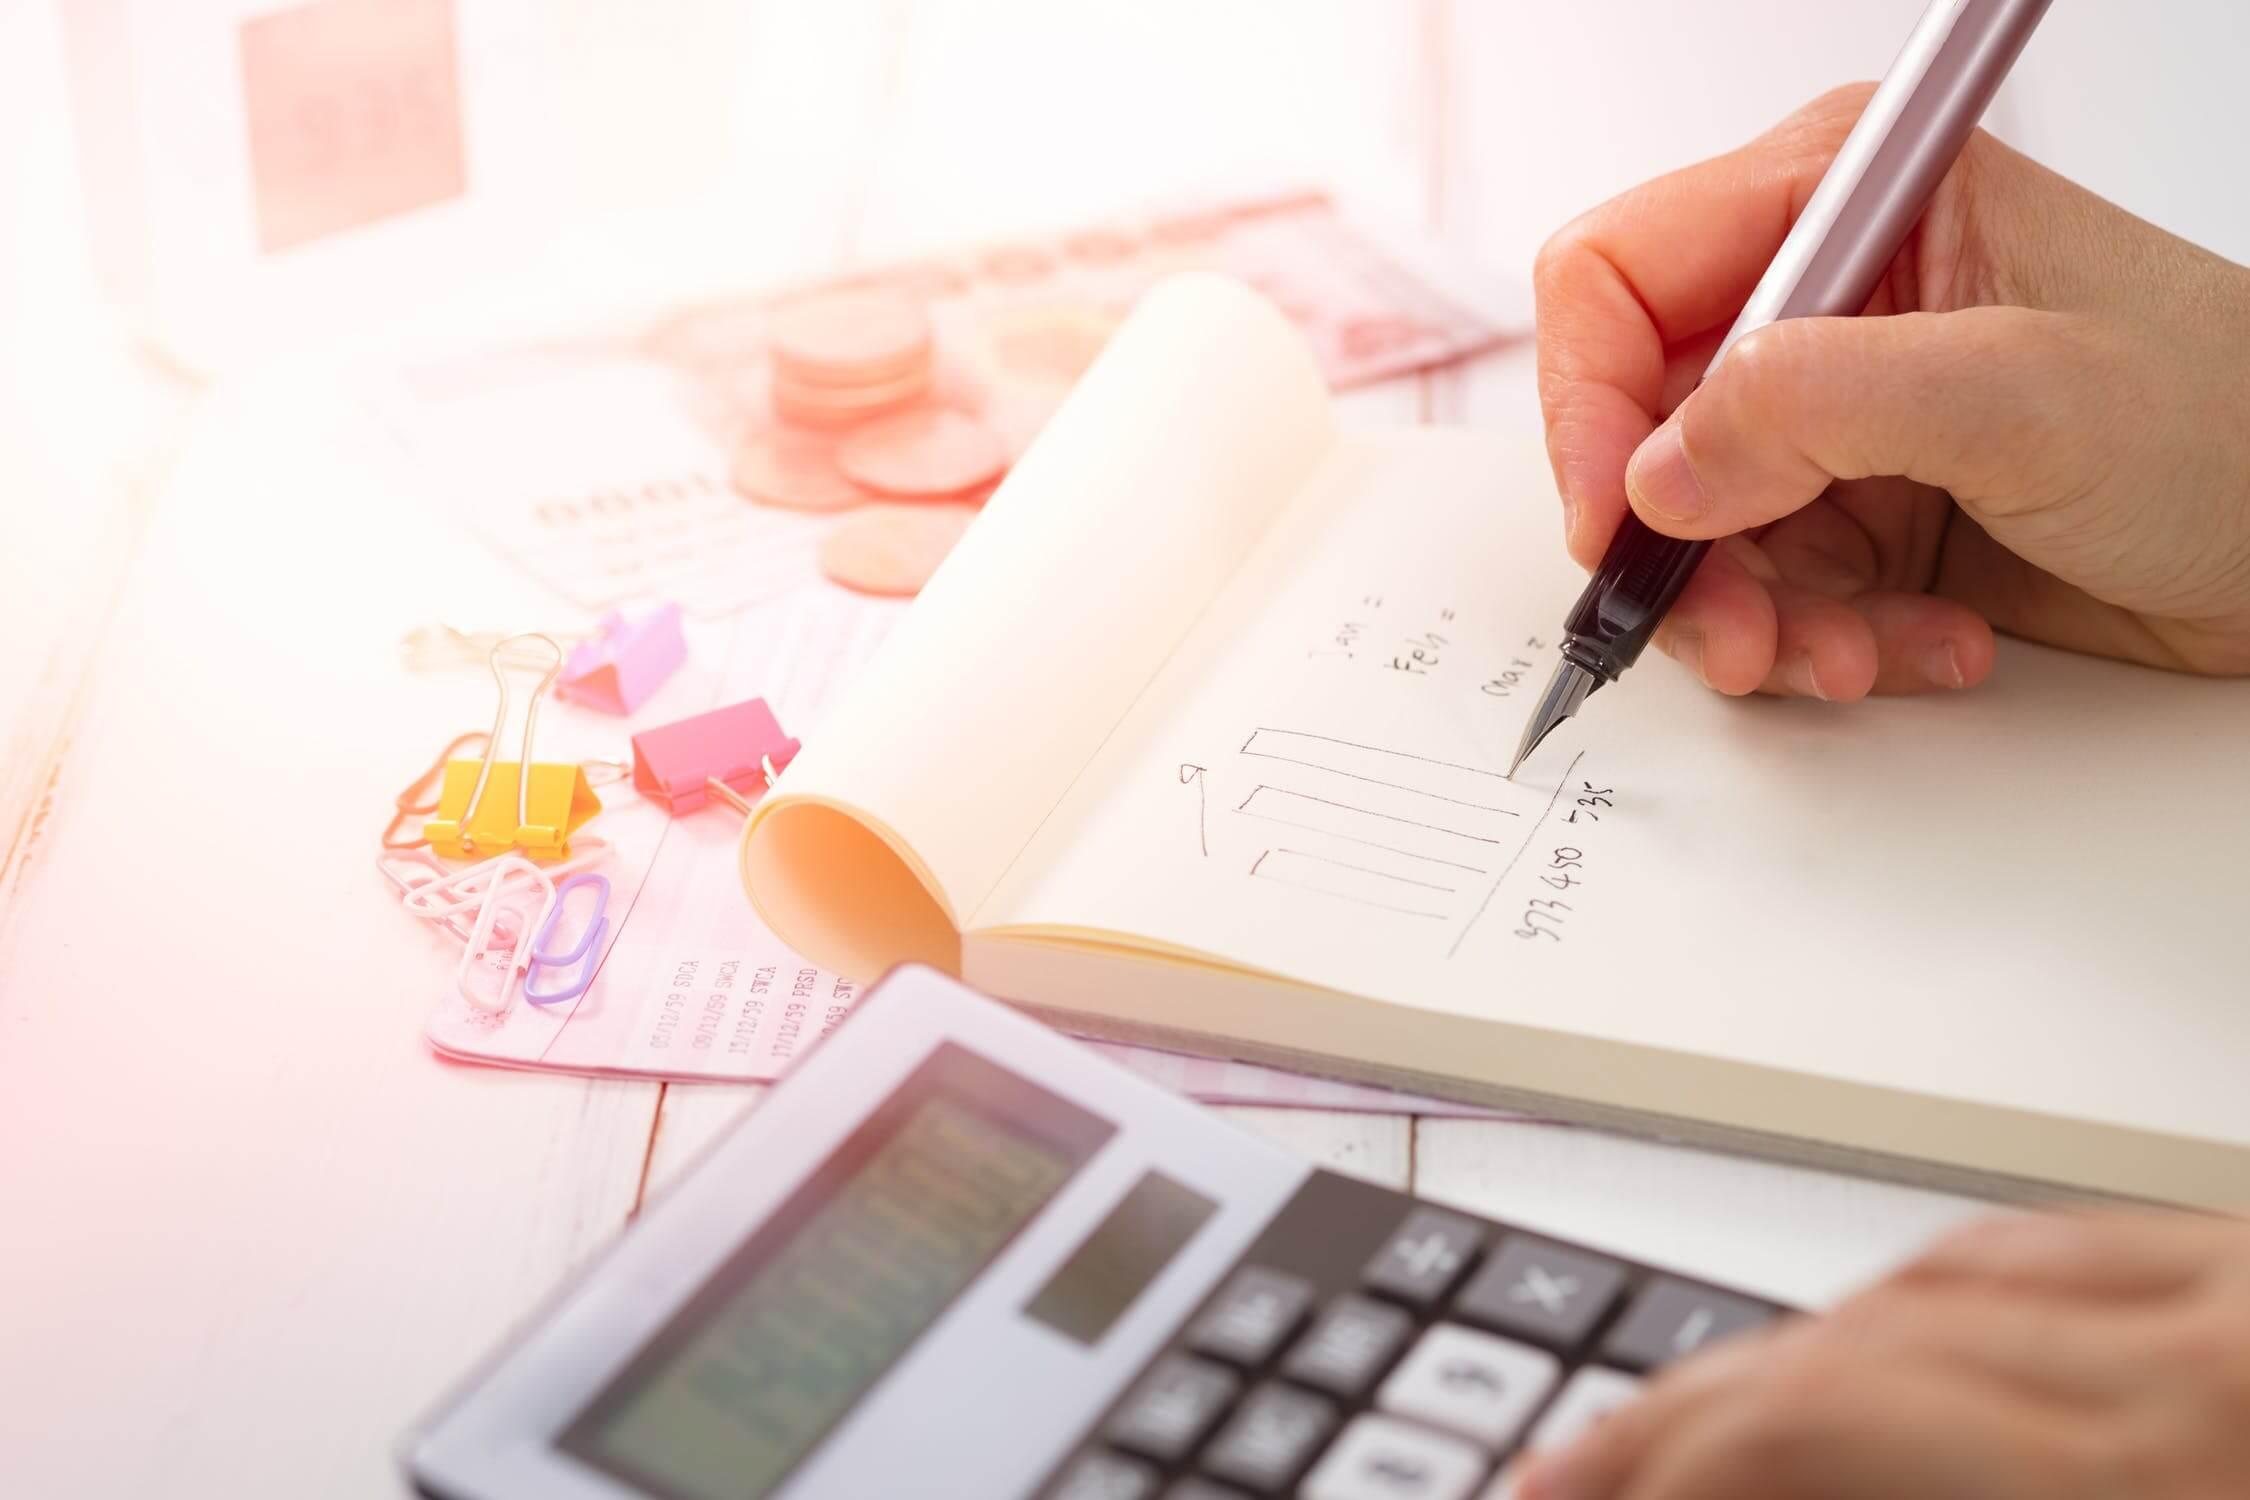 עמית עשת מורה דרך פיננסי פודקאסט כסף והשקעות